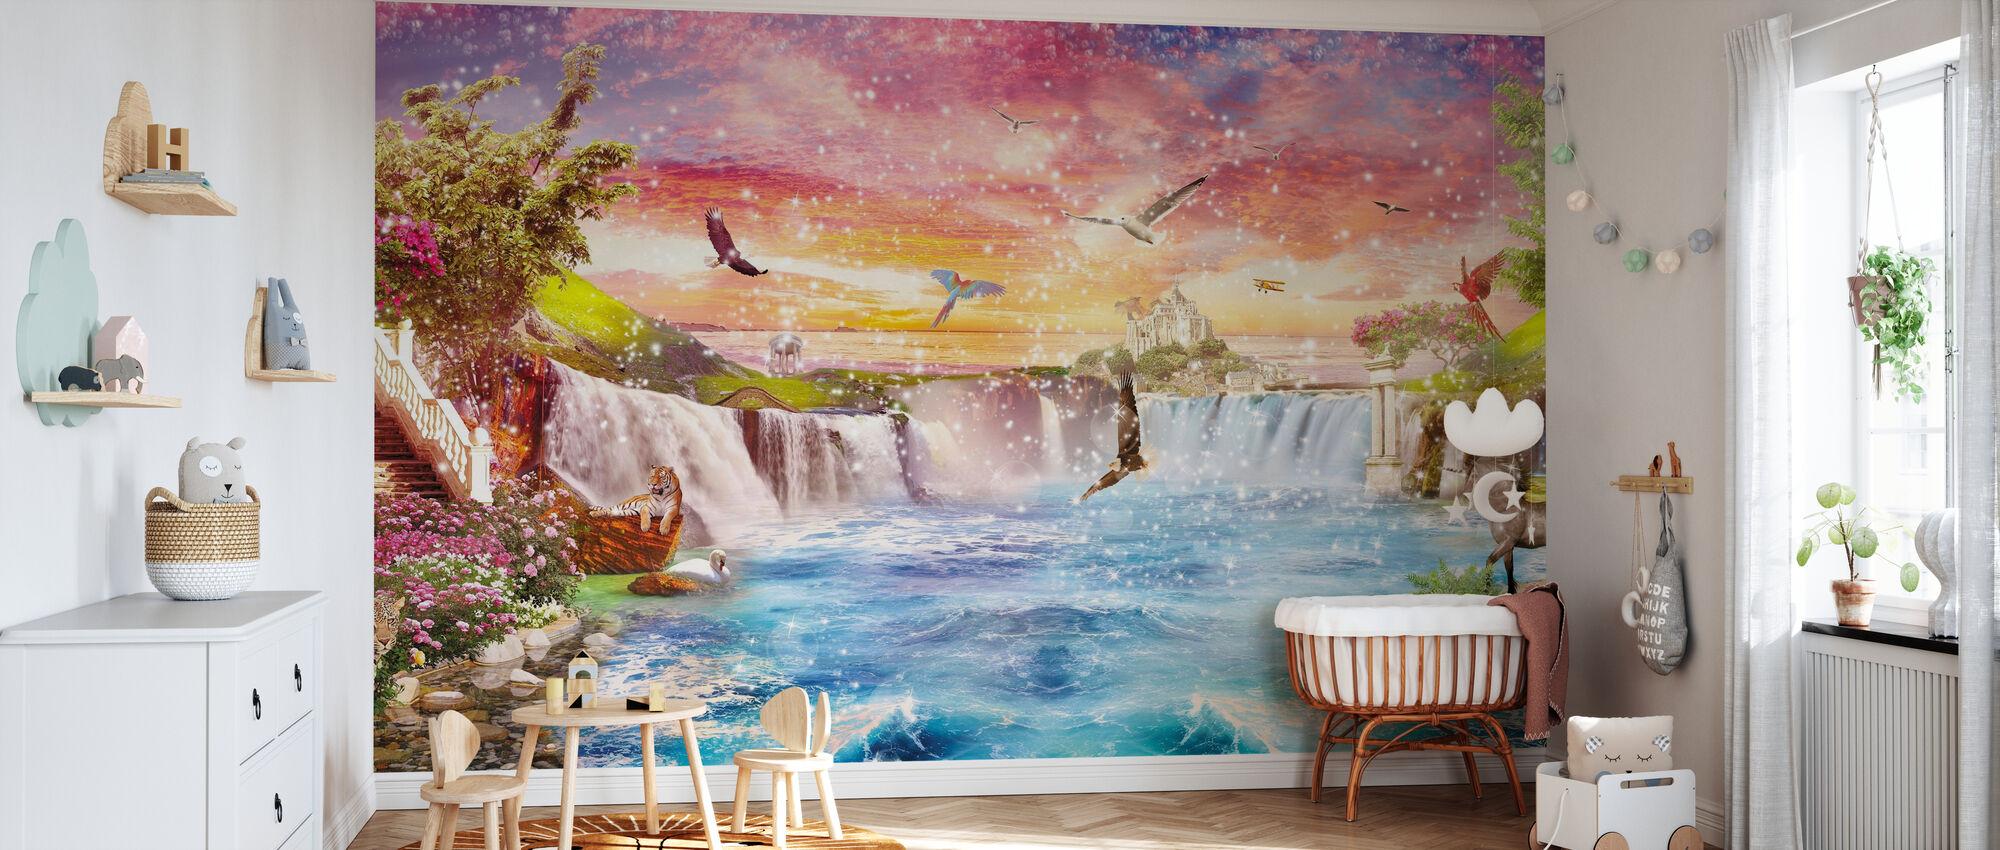 Cascade magique - Papier peint - Chambre de bébé